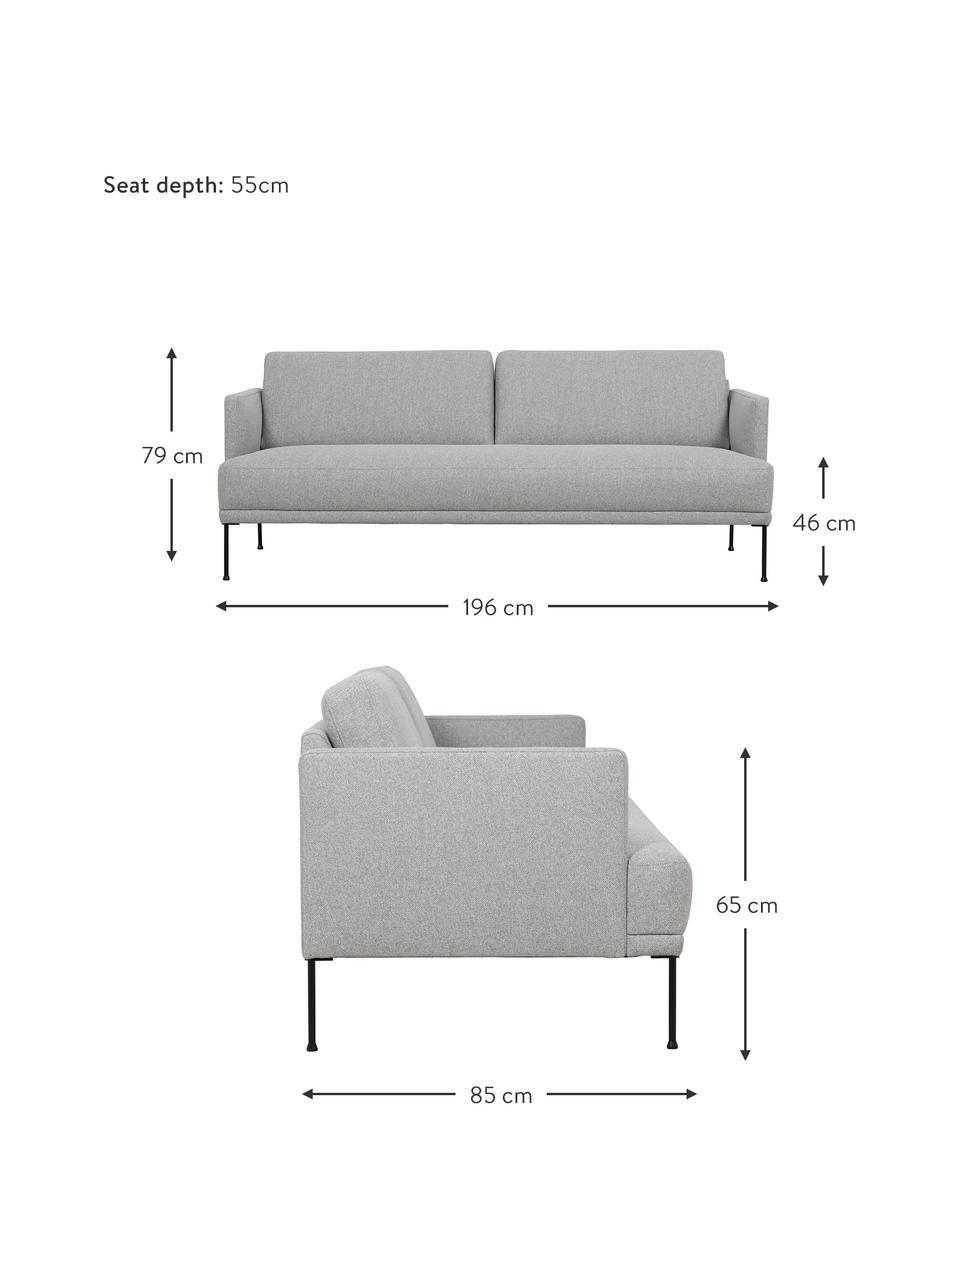 Canapé 3places tissu gris clair pieds en métal Fluente, Tissu gris clair